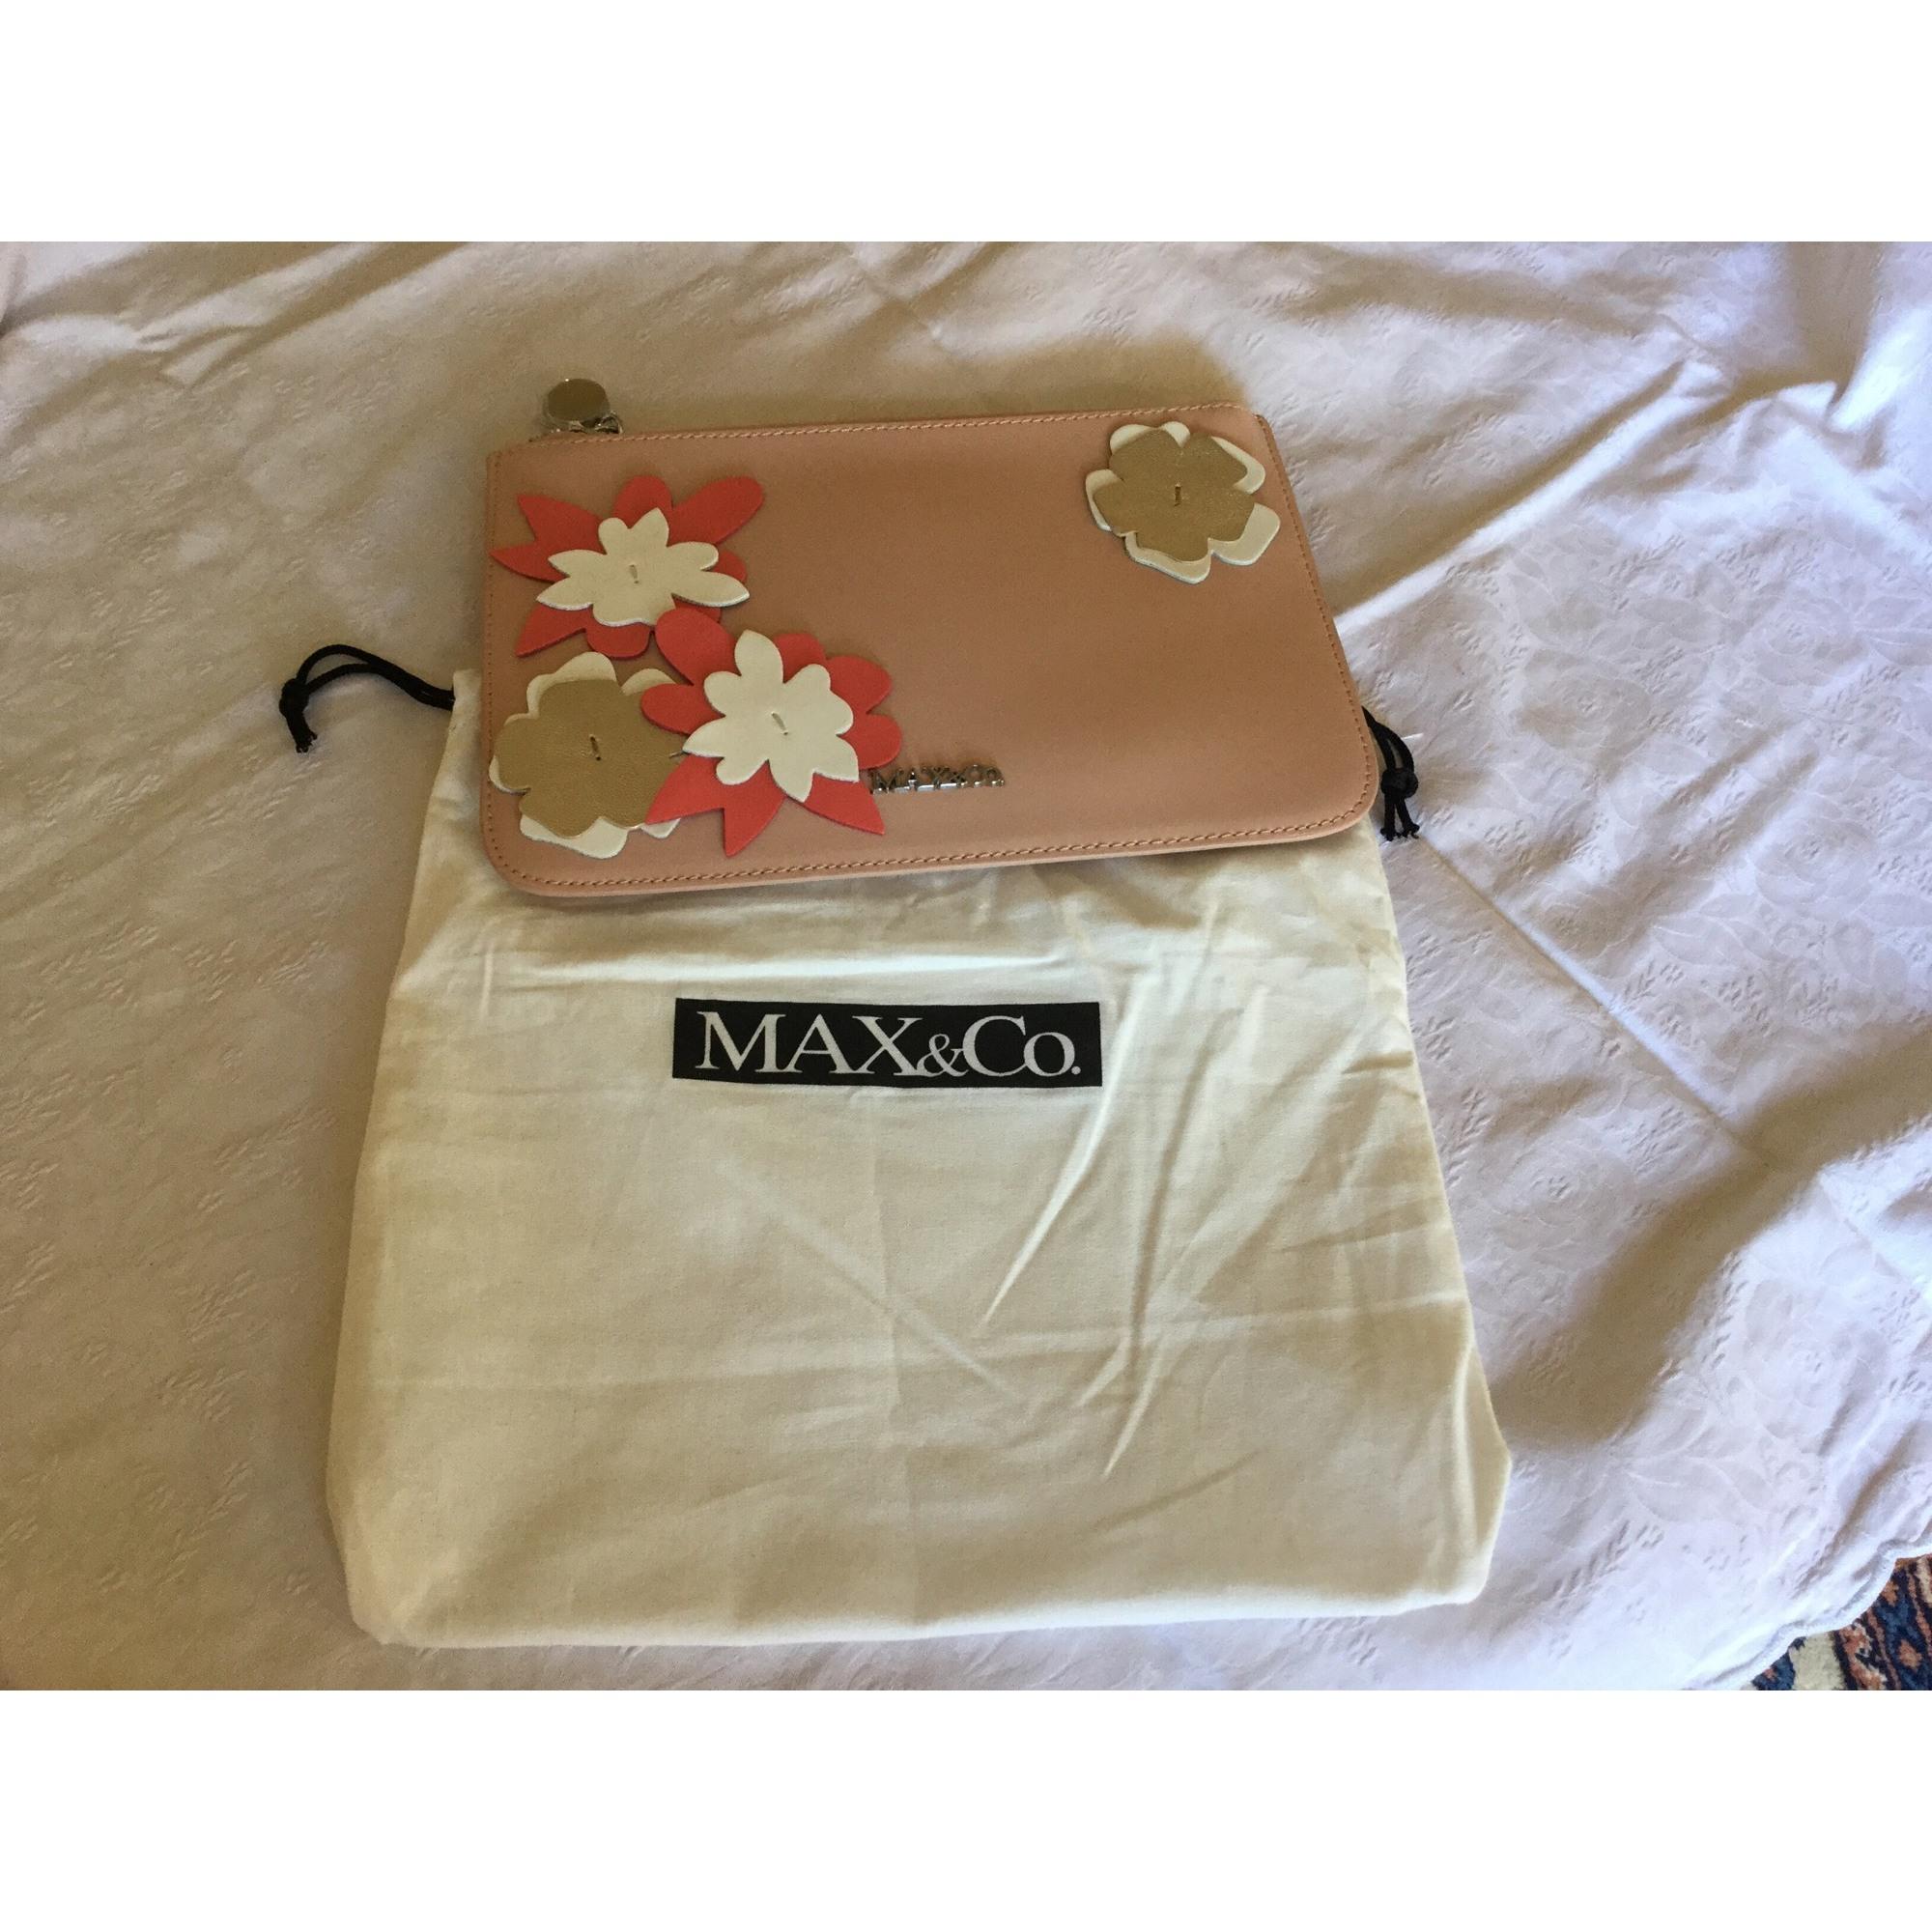 Sac pochette en cuir MAX & CO cuir rose